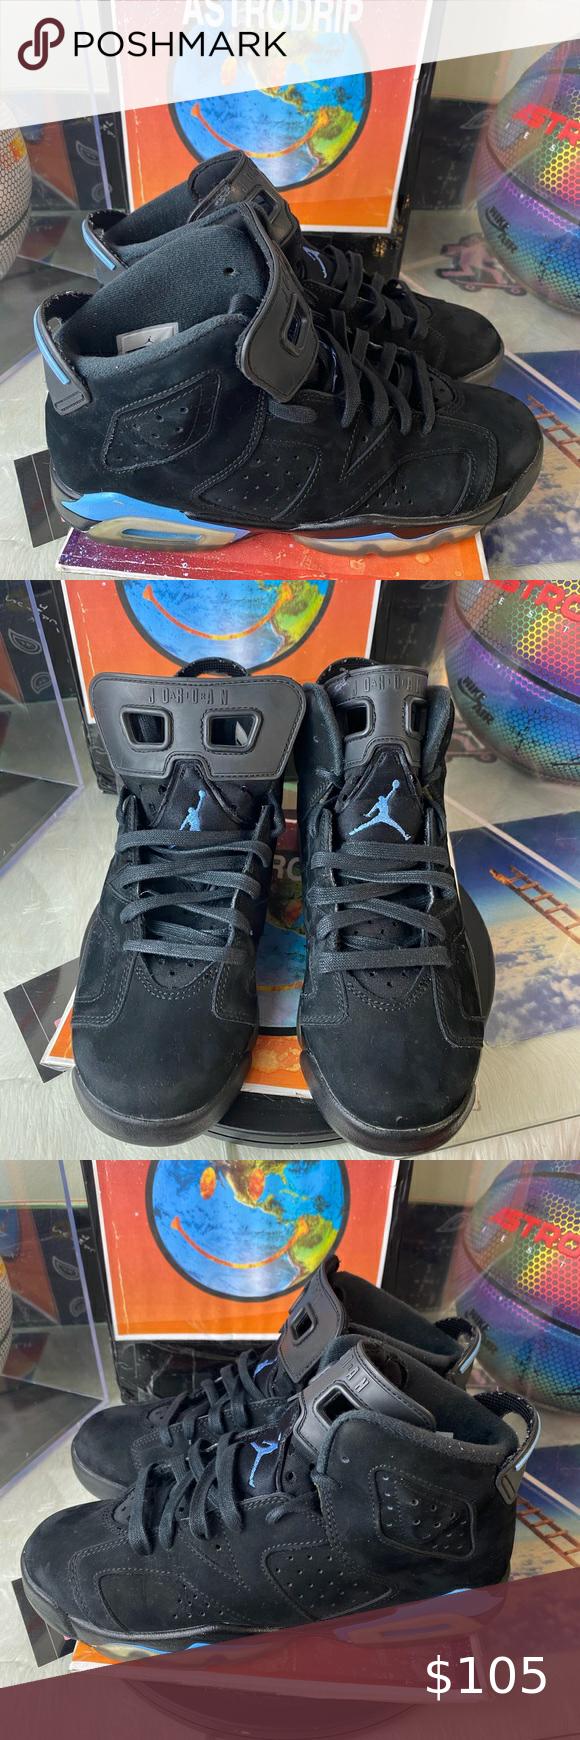 Air Jordan 6 Retro GS 'UNC' Size Womens 8 🔥Drip or skip